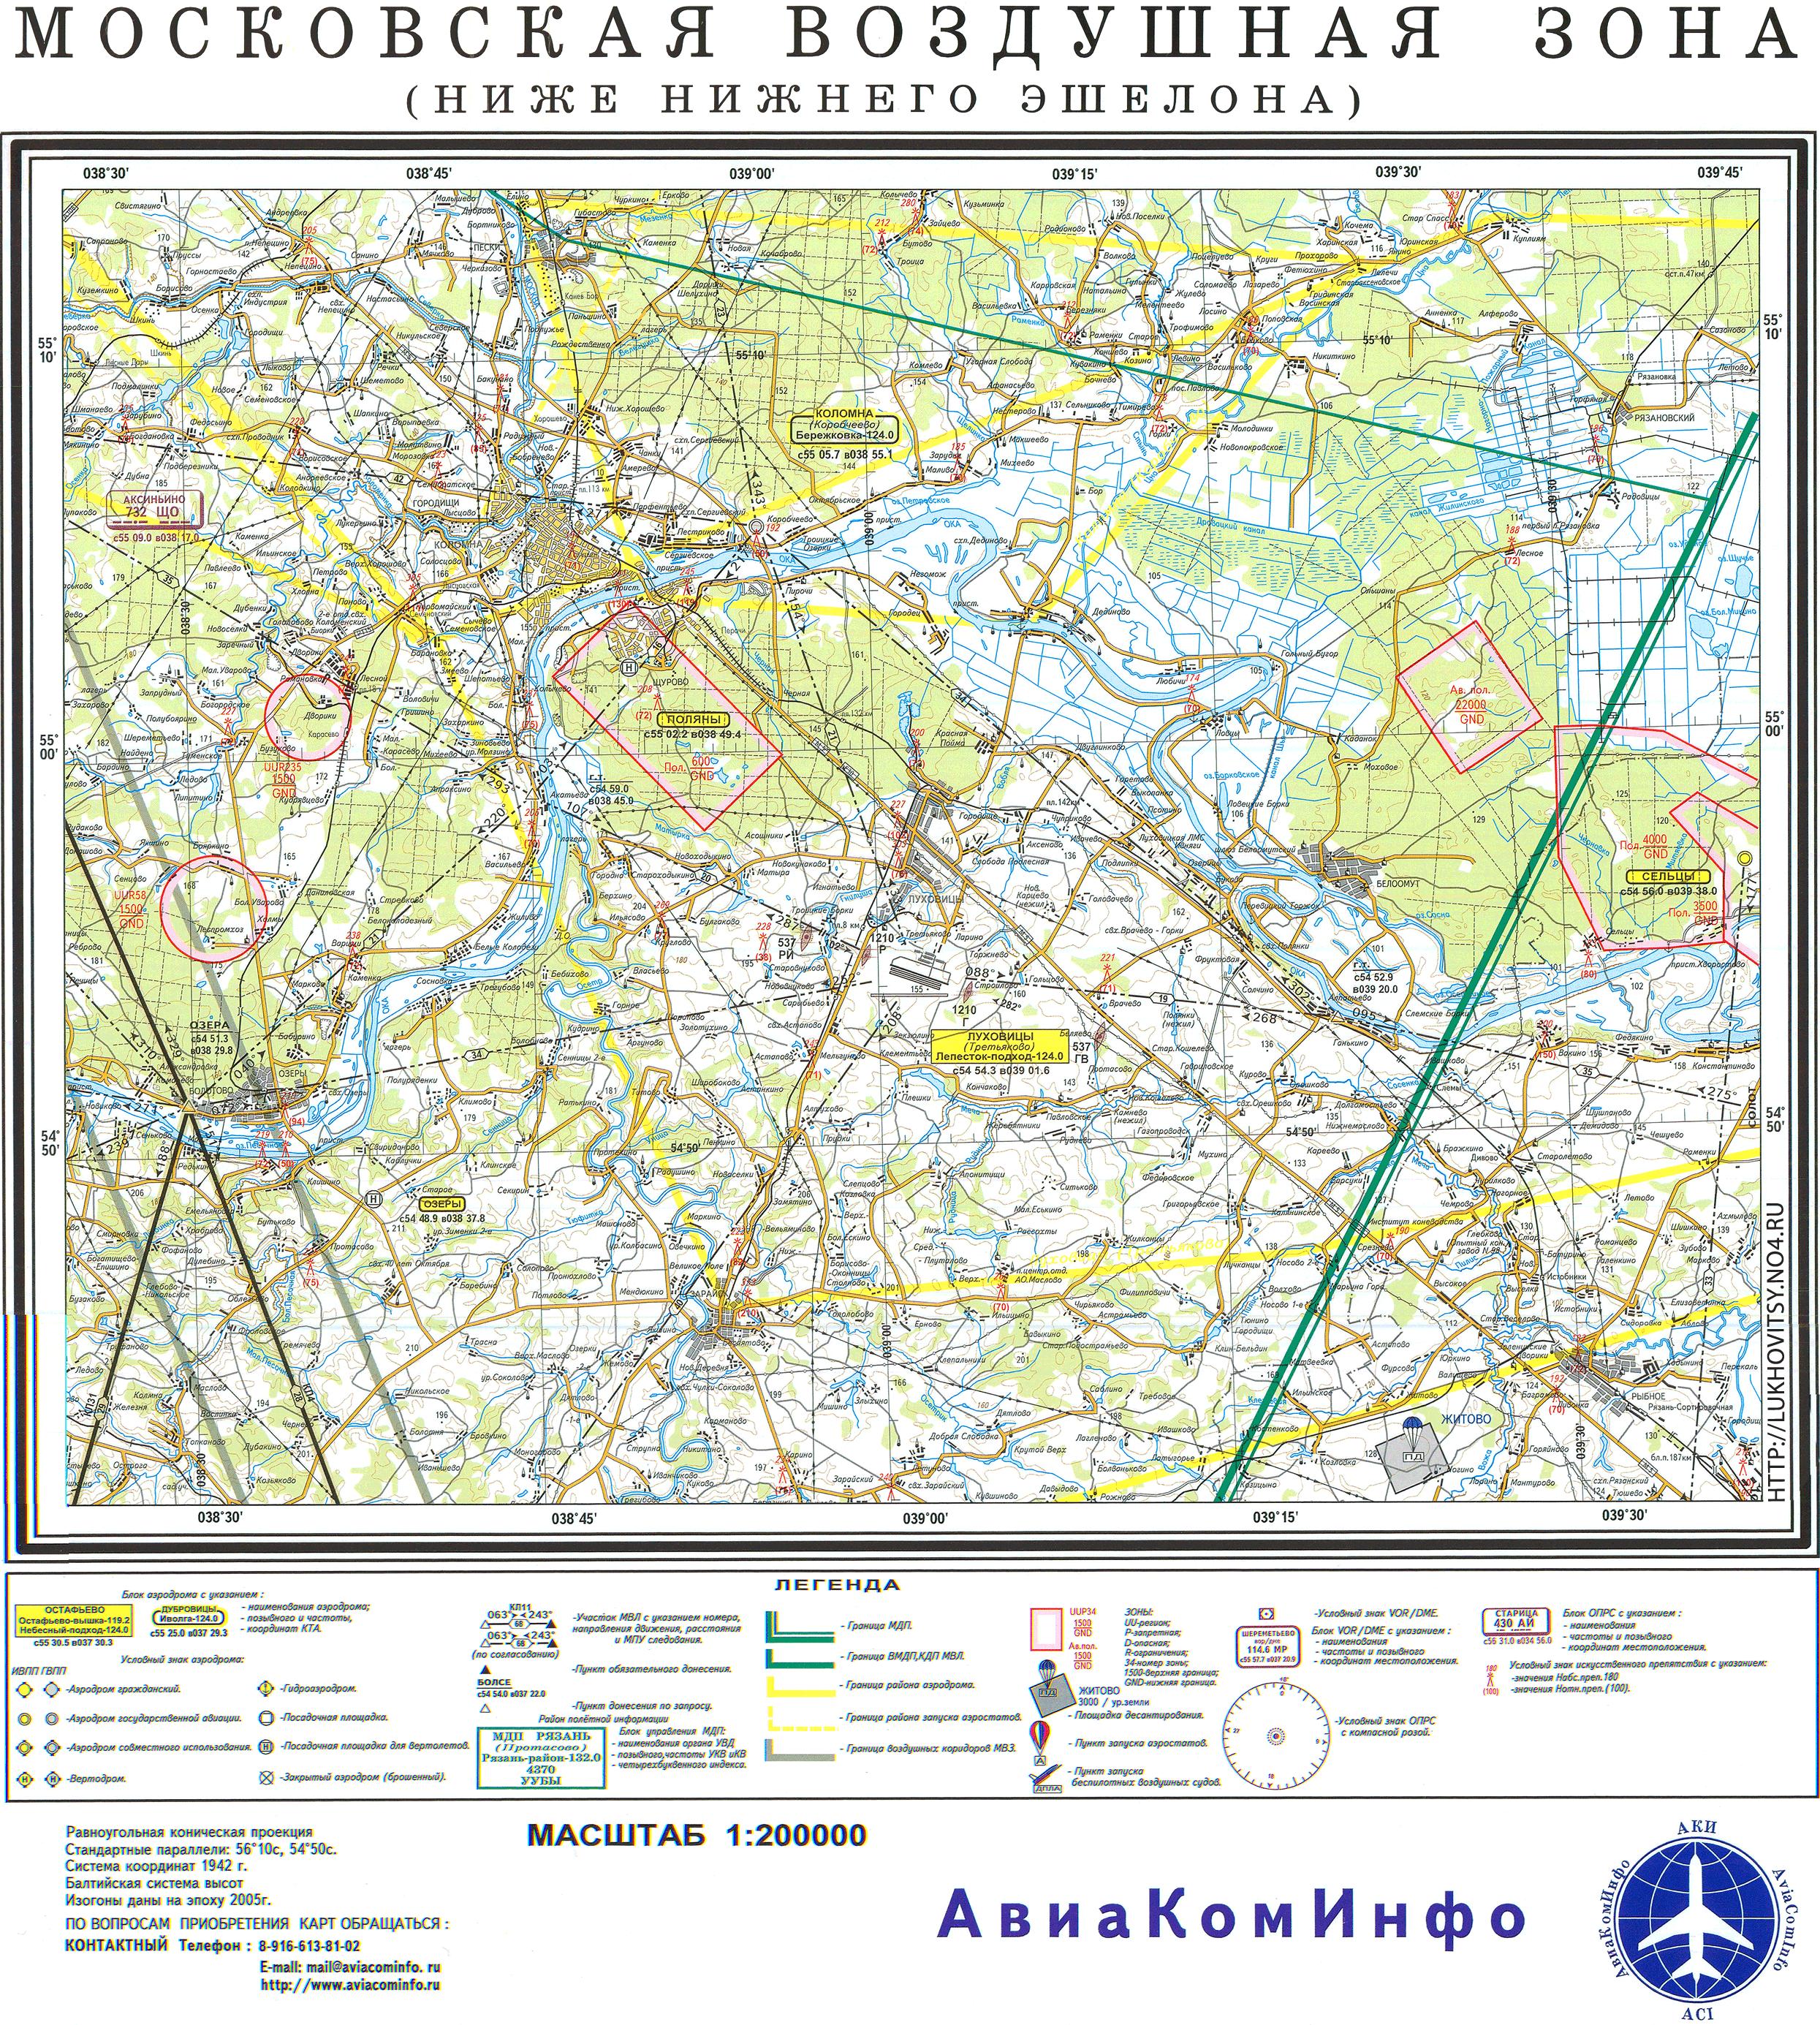 Карта воздушной зоны Луховиц и прилегающих районов (масштаб 1:200000)